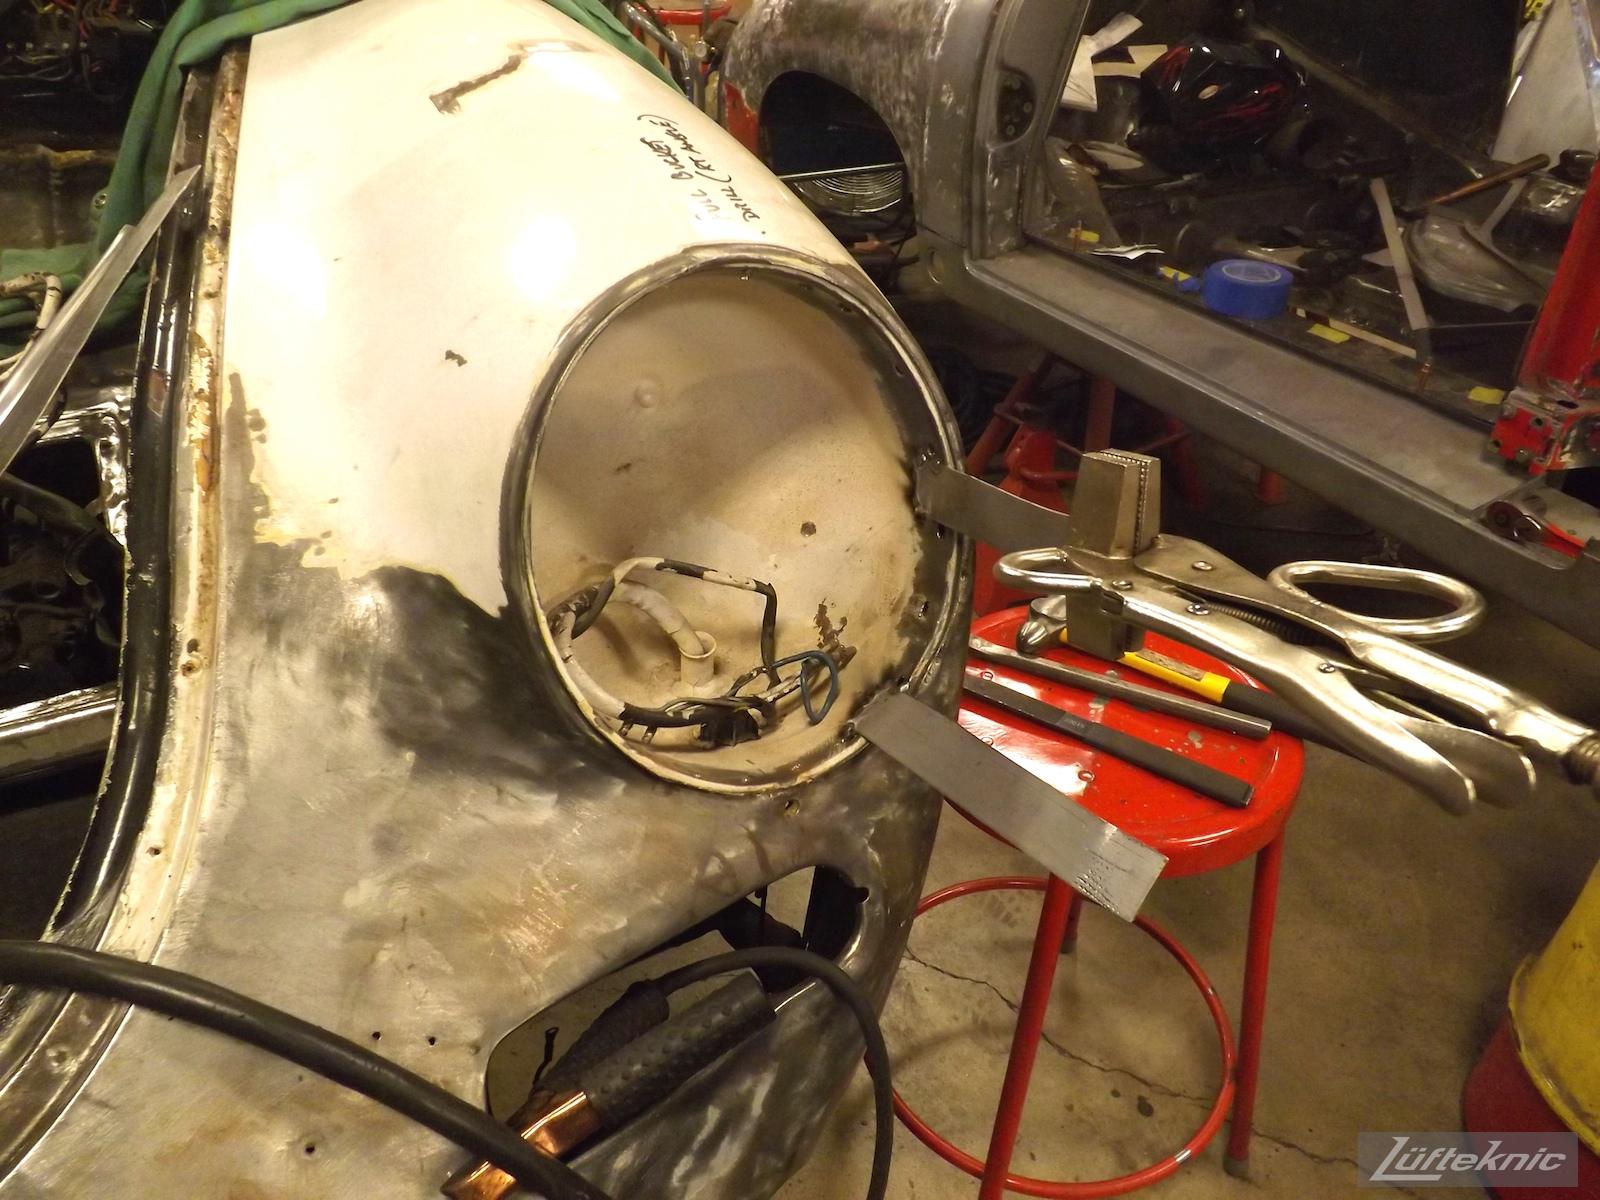 Headlight bucket adjustment on a White 1964 Porsche 356SC being restored.